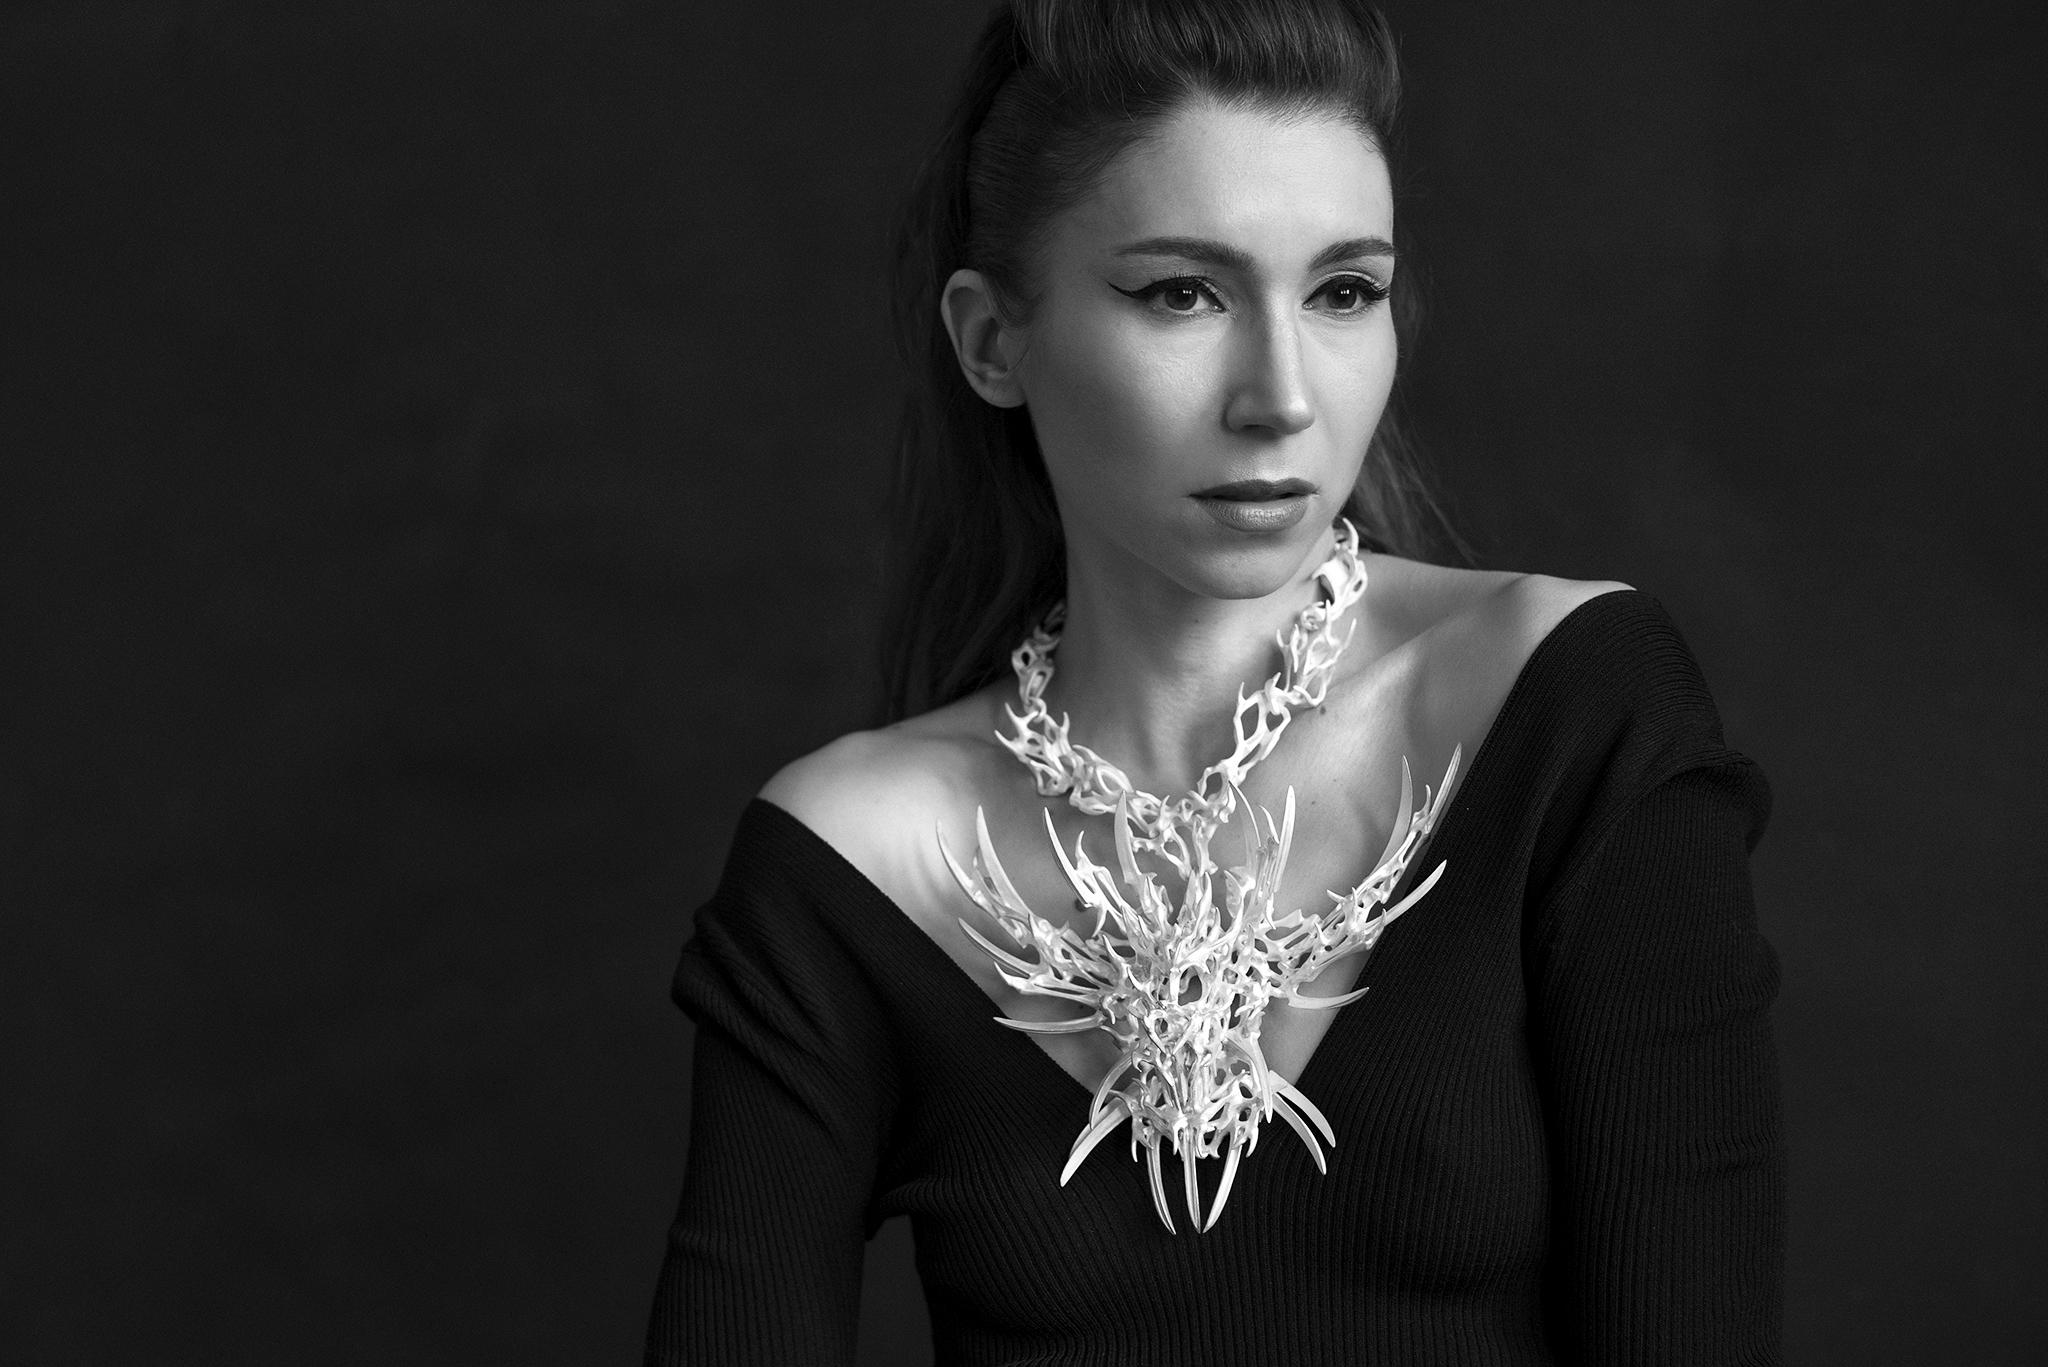 Unique necklace by Eero Hintsanen